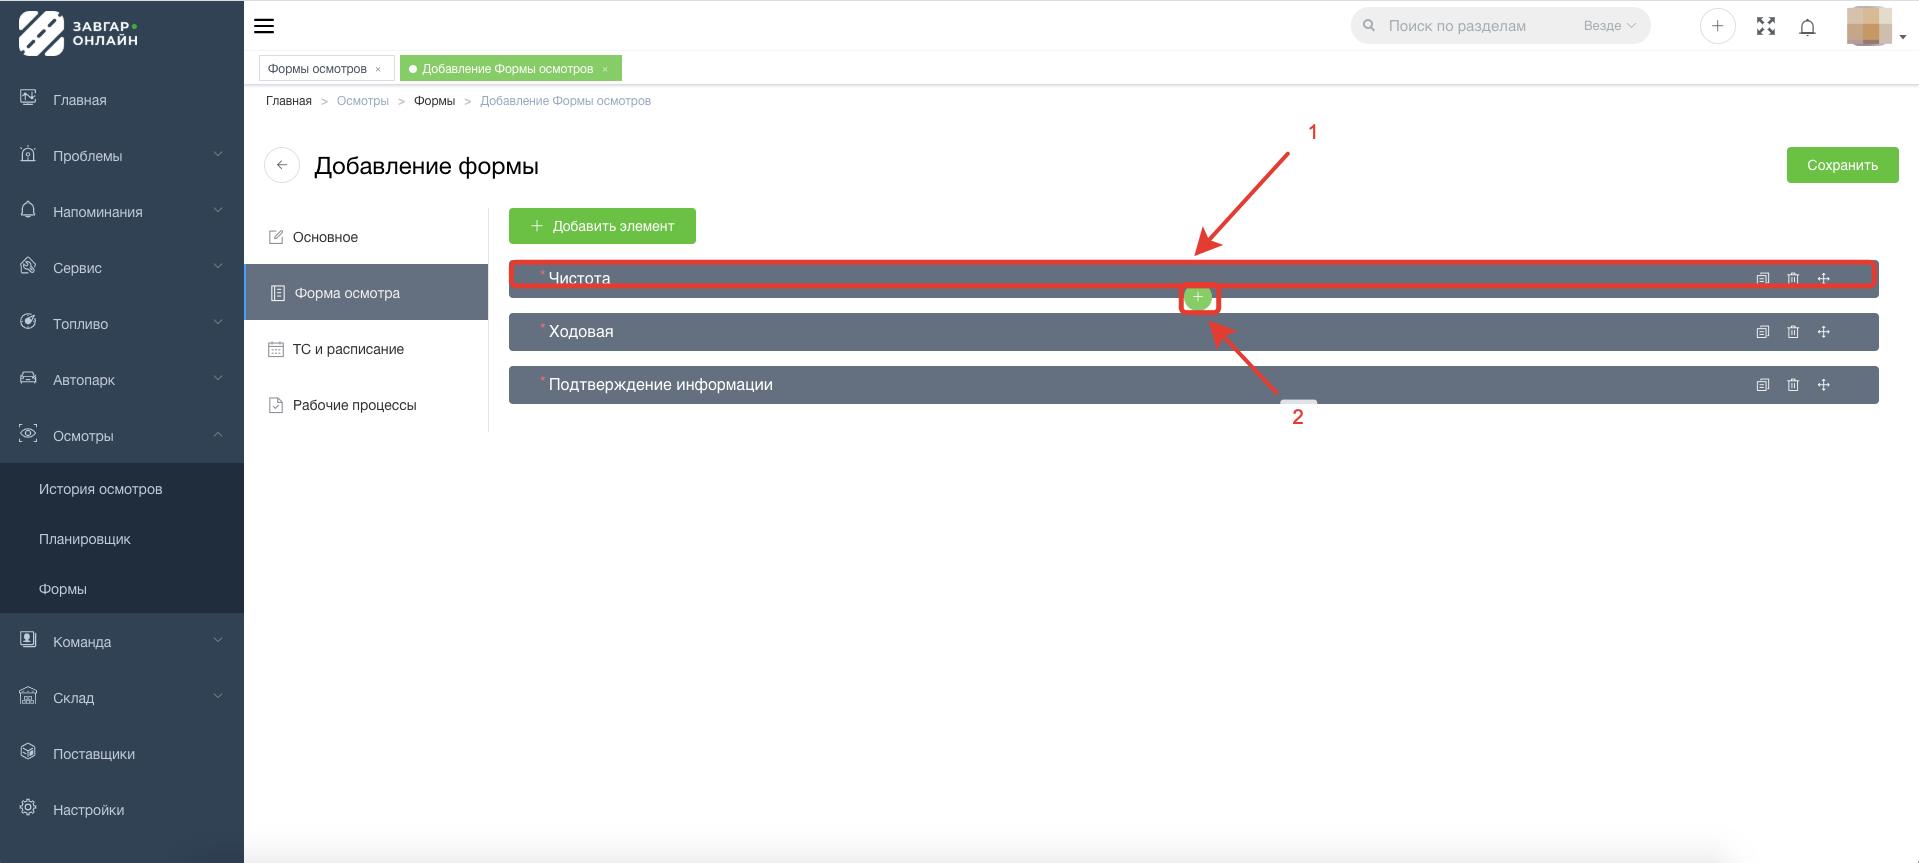 Добавление элементов из секции в системе Завгар Онлайн